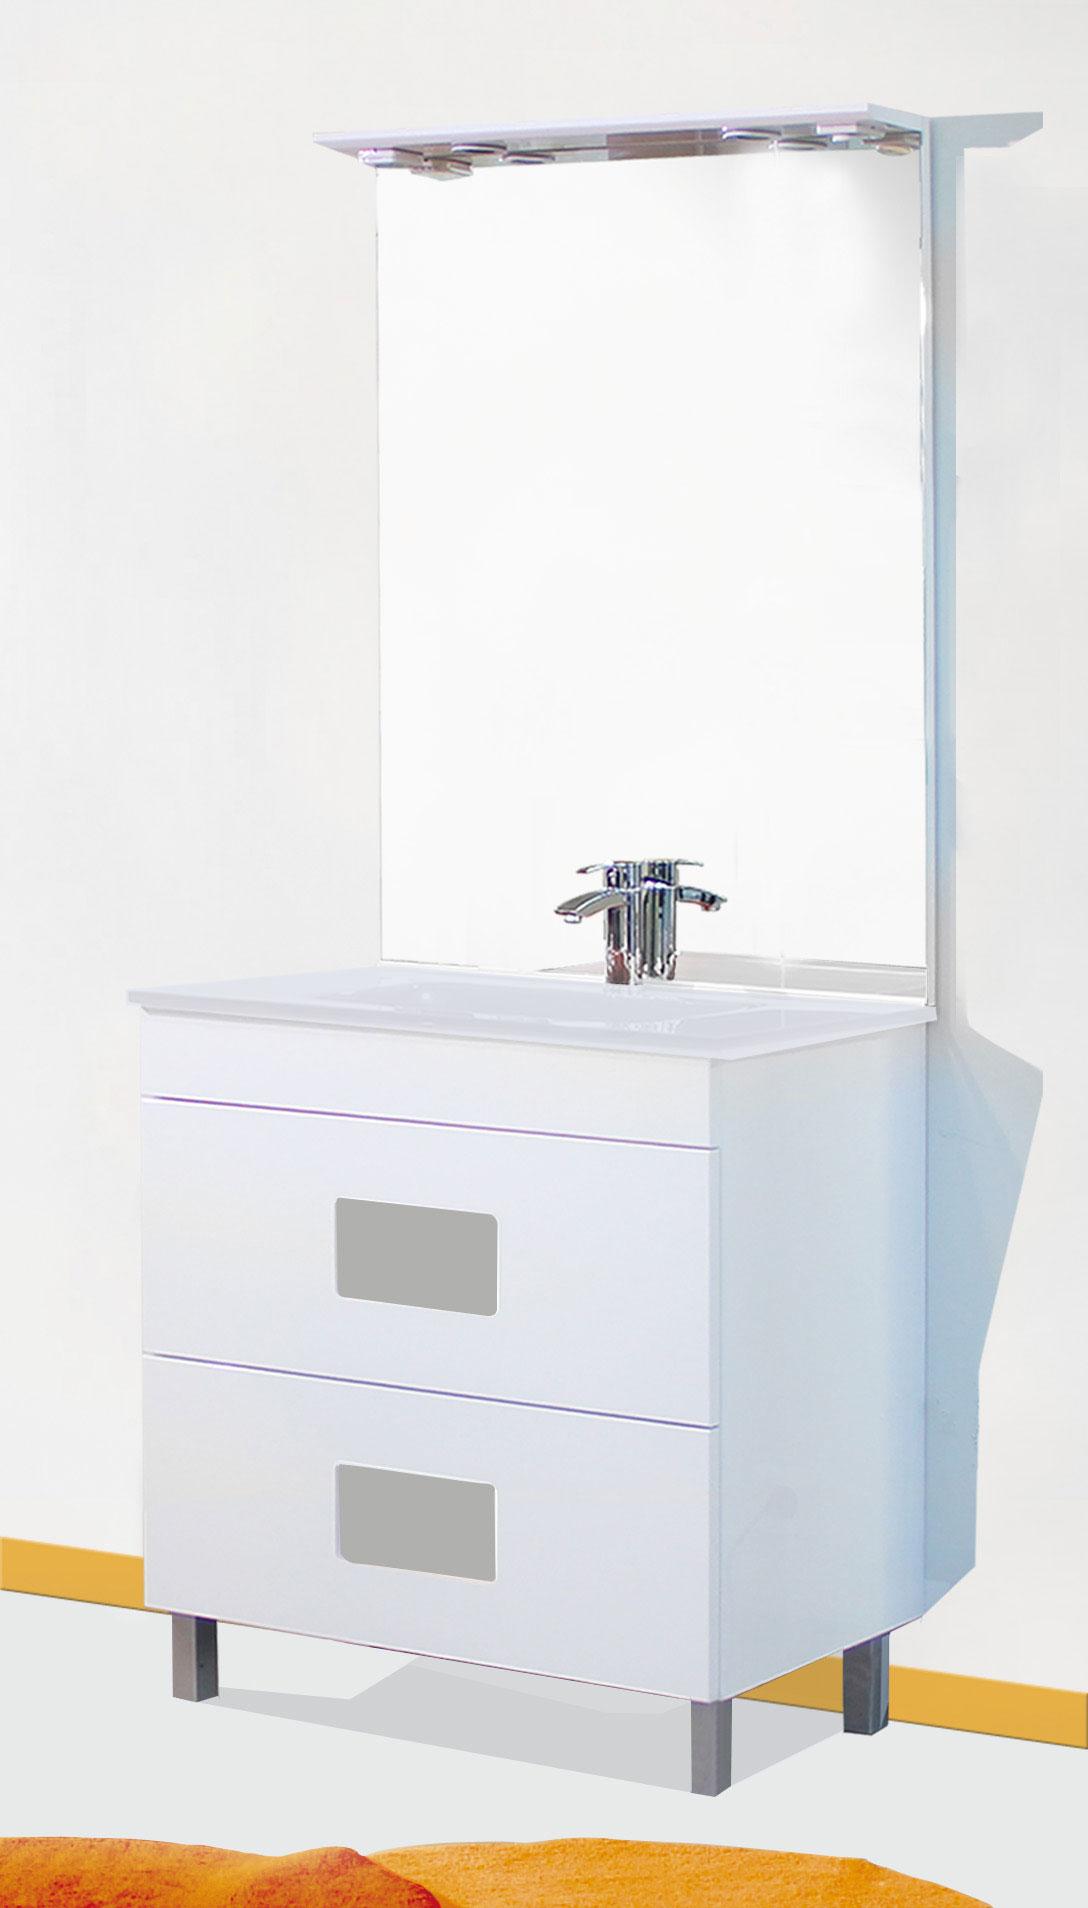 Meubles Tendances salle de bain 46